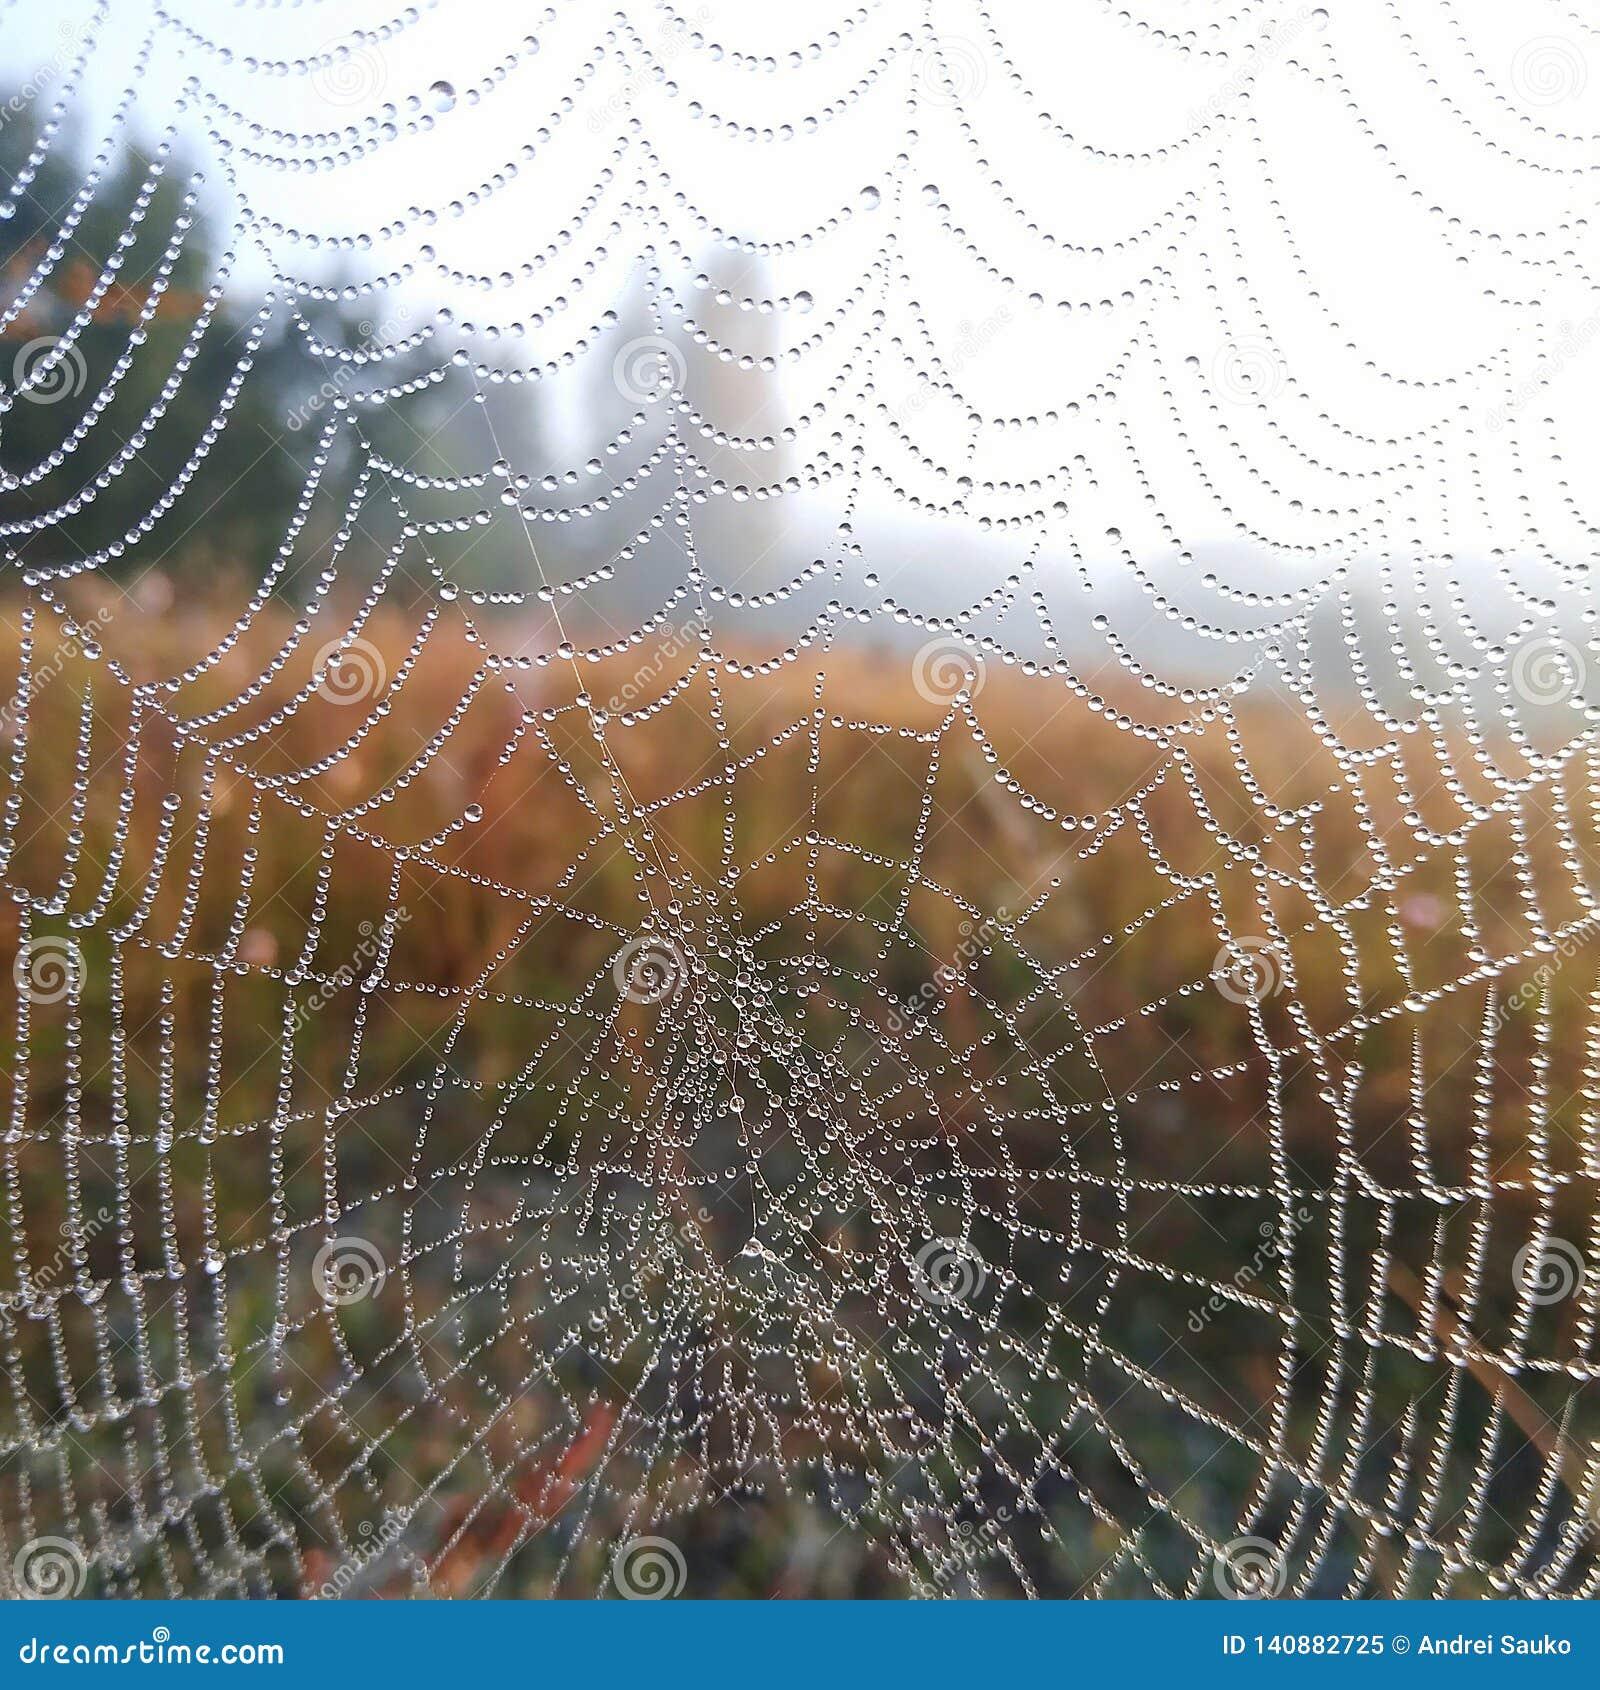 Nätverket för daggig för droppande för daggdroppe för dagg för detalj för design för garnering för fara för anslutning för konden